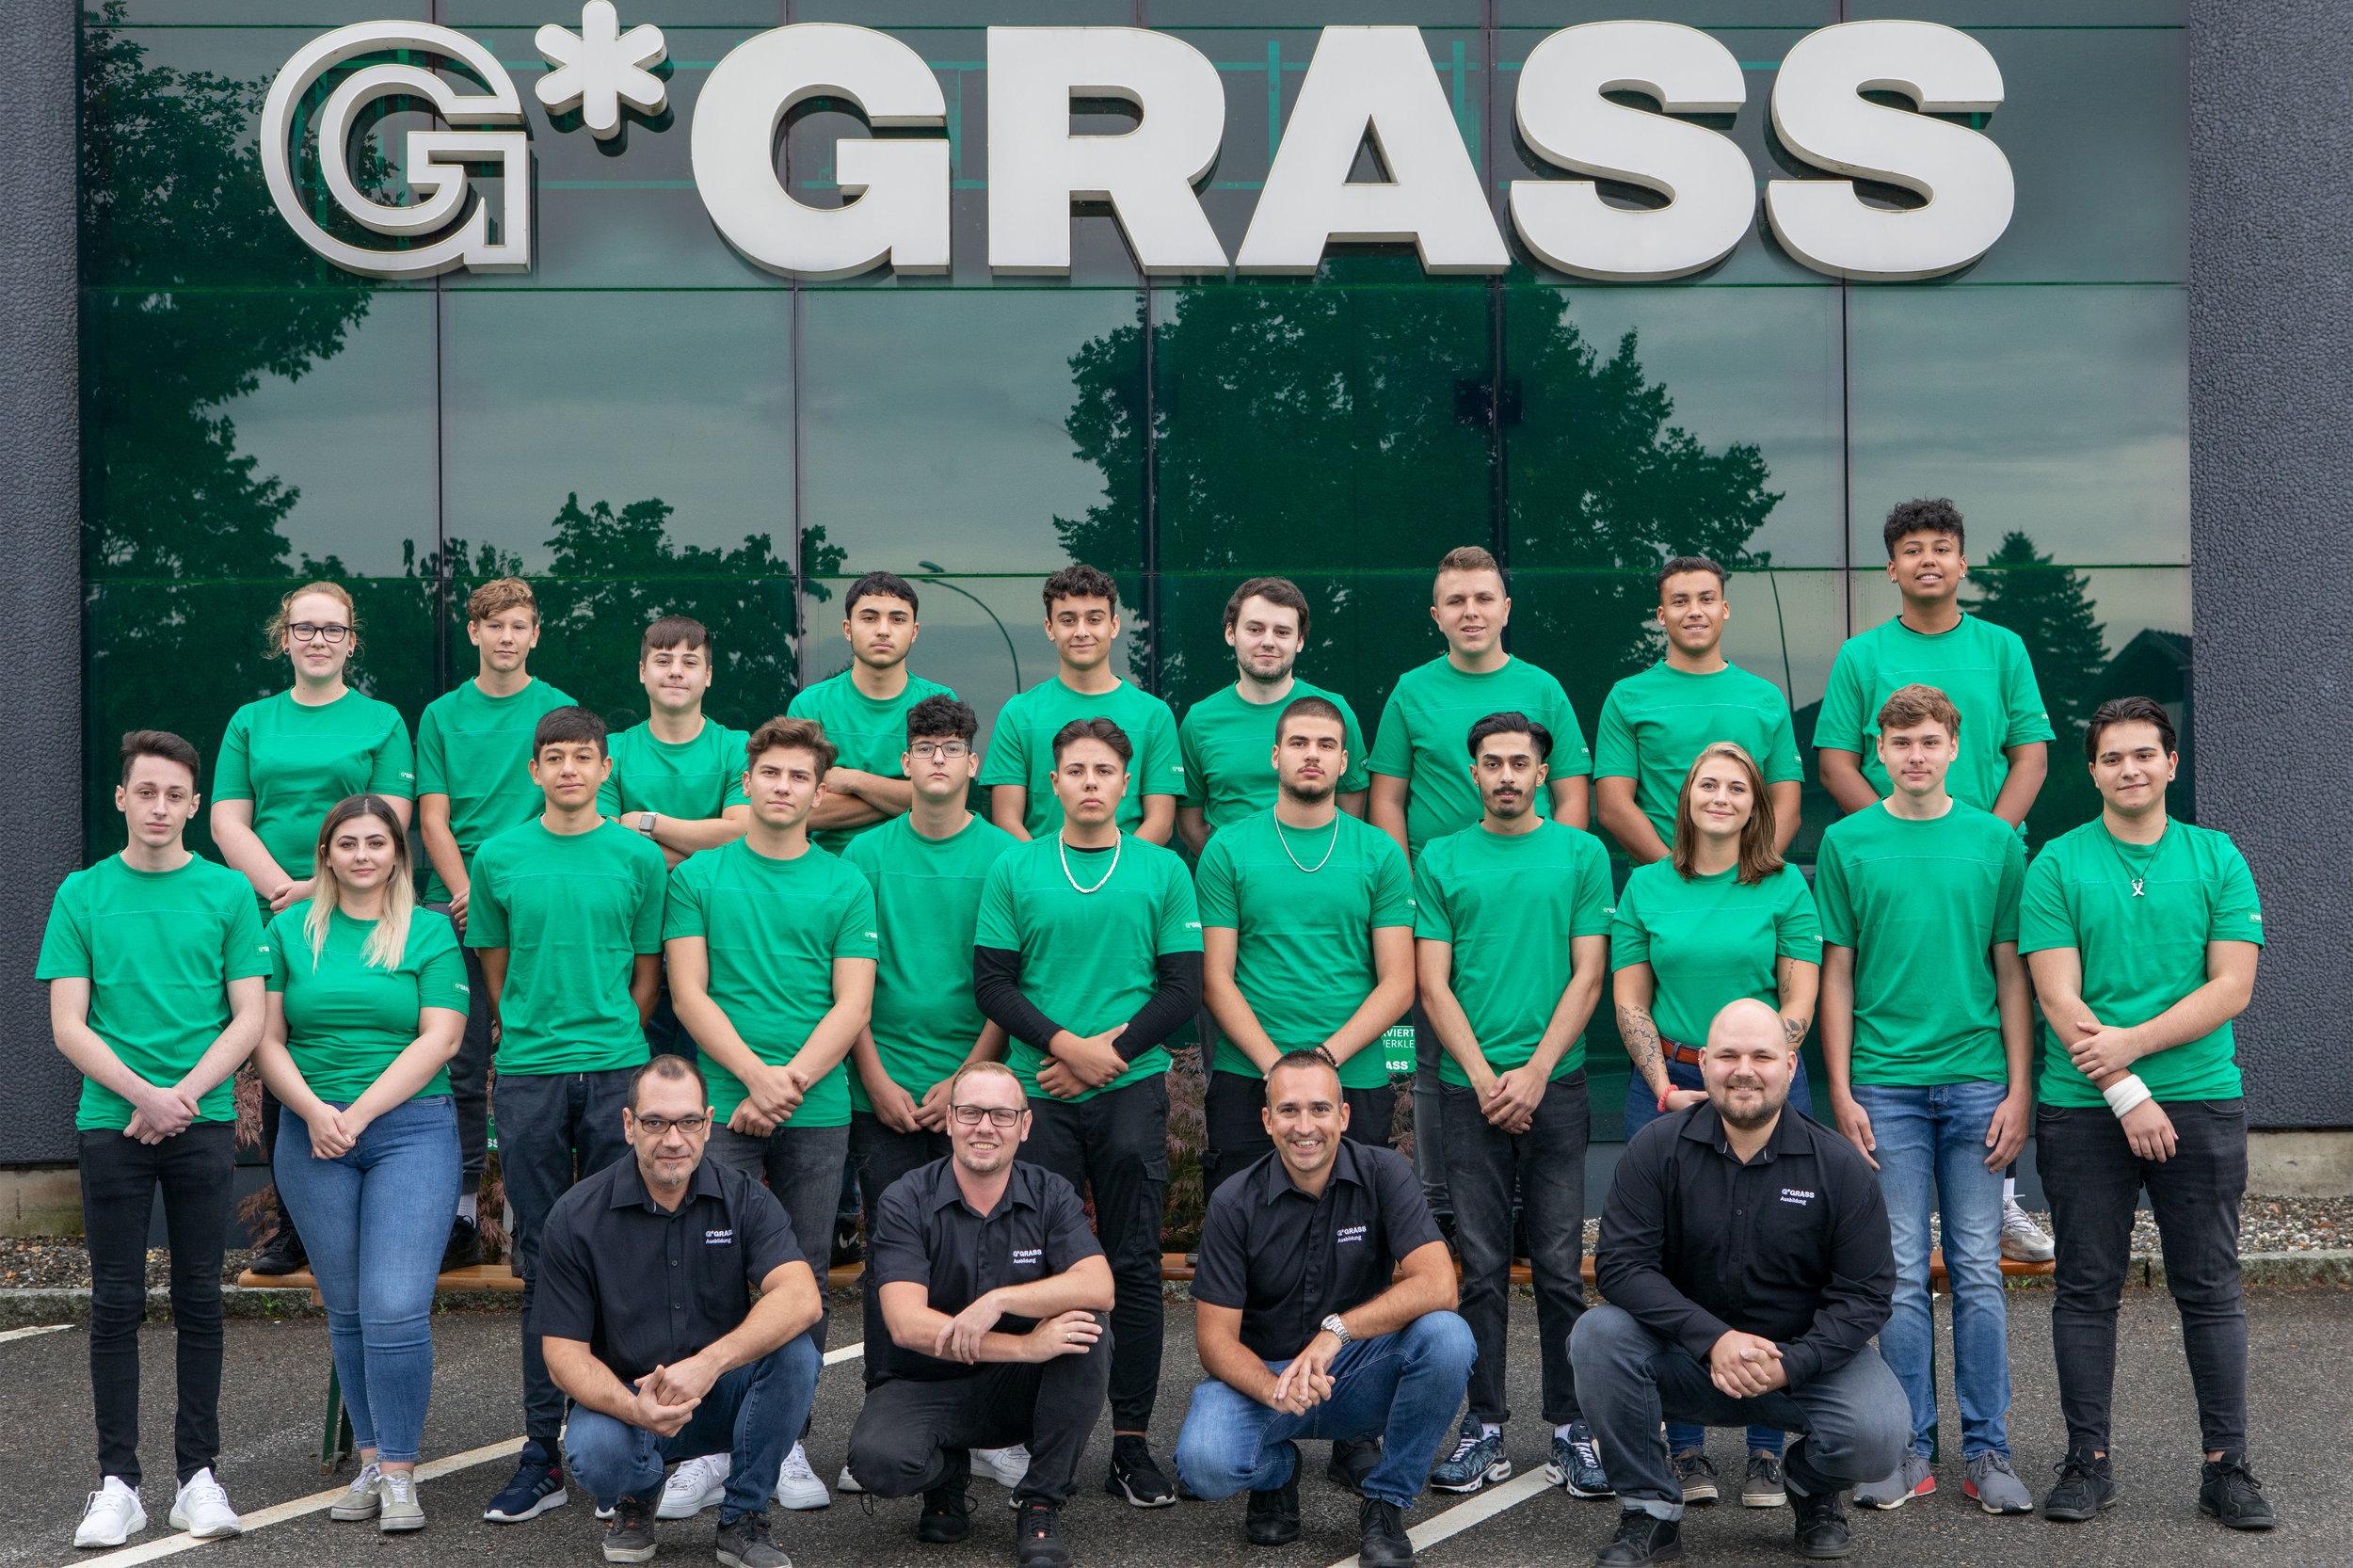 GRASS_Lehrlinge_2019.jpg